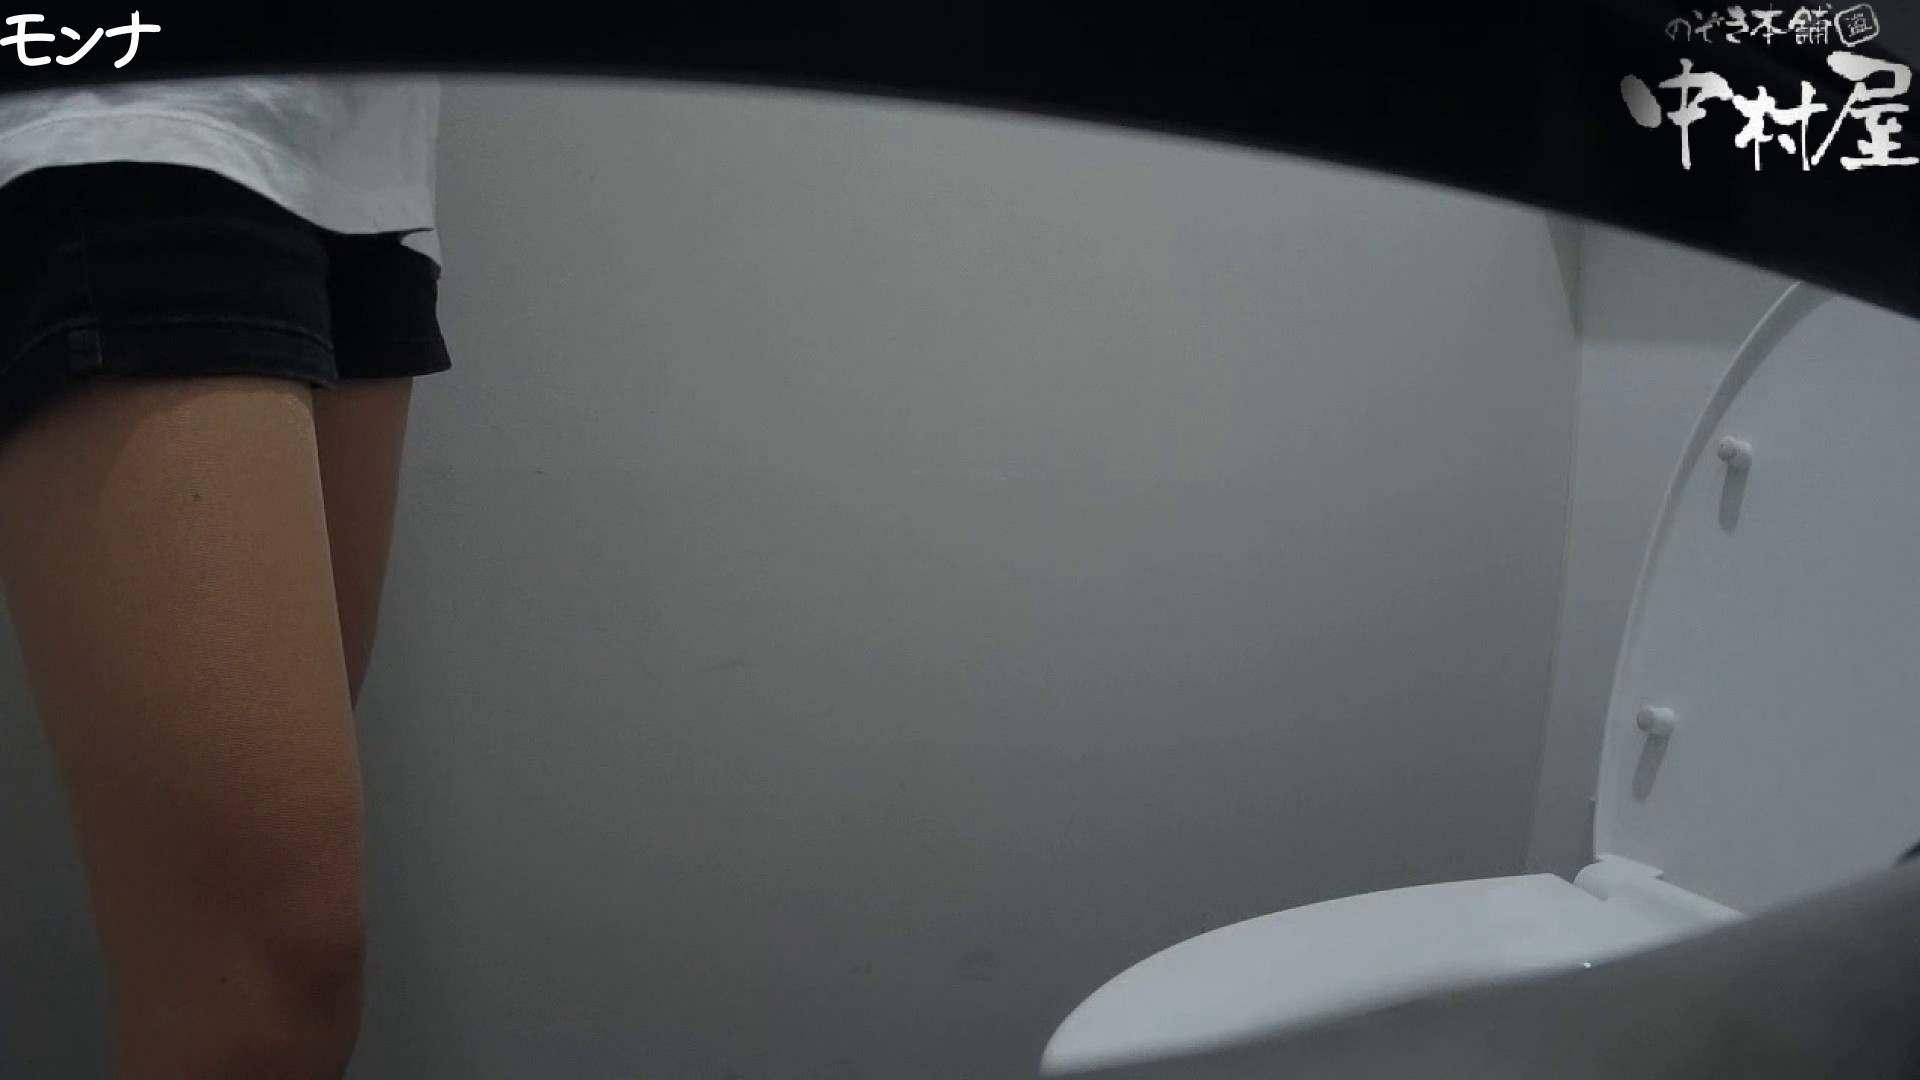 有名大学女性洗面所 vol.66 清楚系女子をがっつり!! OLセックス 盗み撮りSEX無修正画像 71画像 50